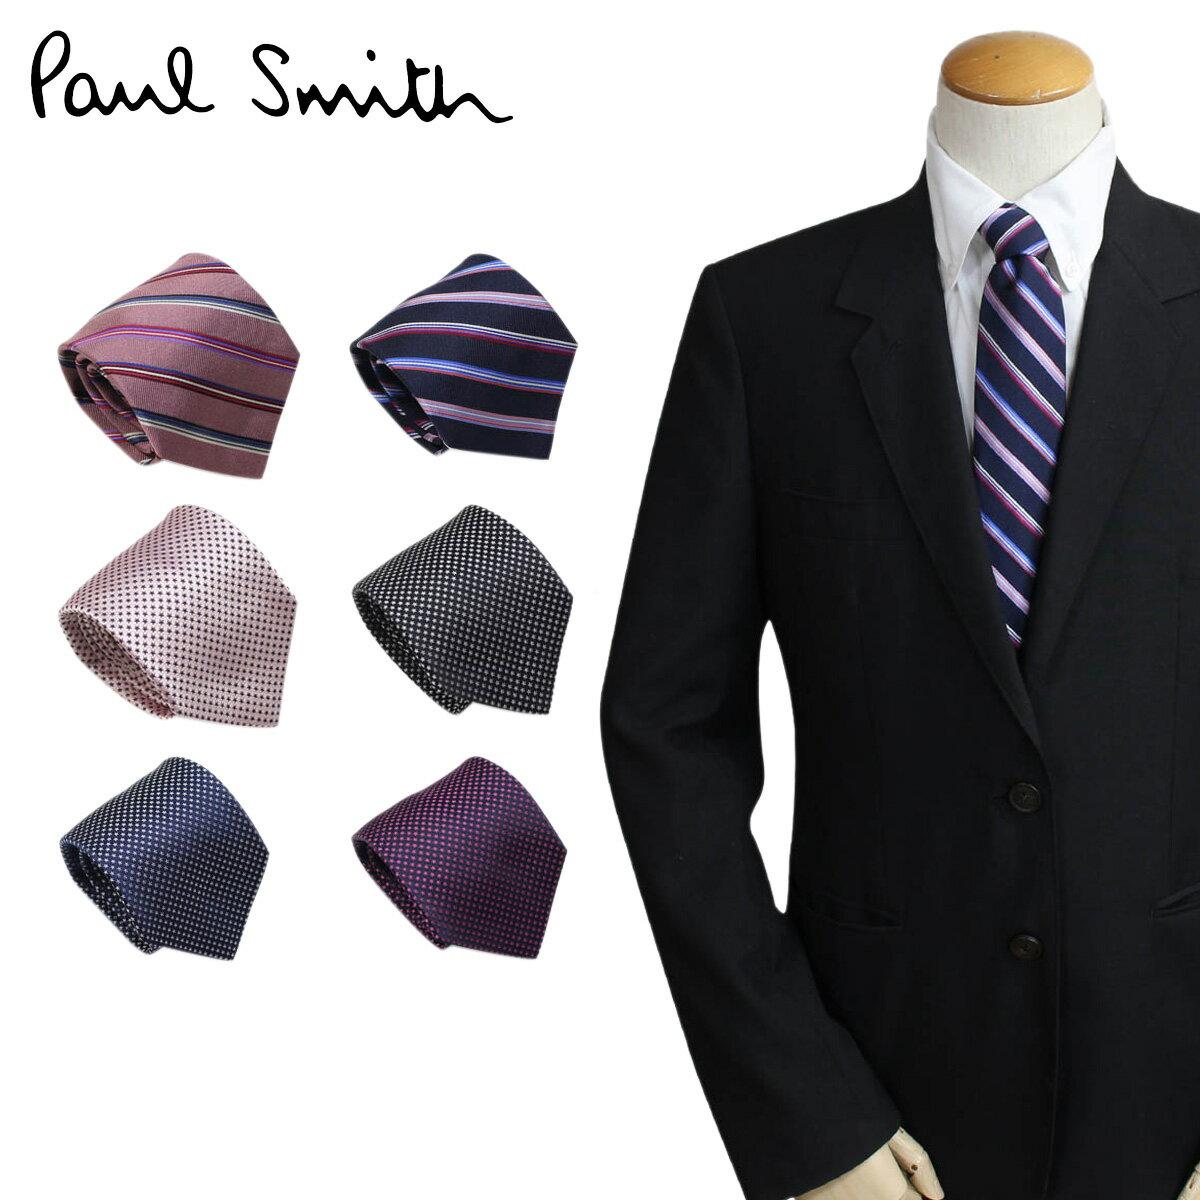 ポールスミス ネクタイ シルク メンズ Paul Smith ストライプ ギフト ケース付 イタリア製 ビジネス 結婚式 【決算セール】